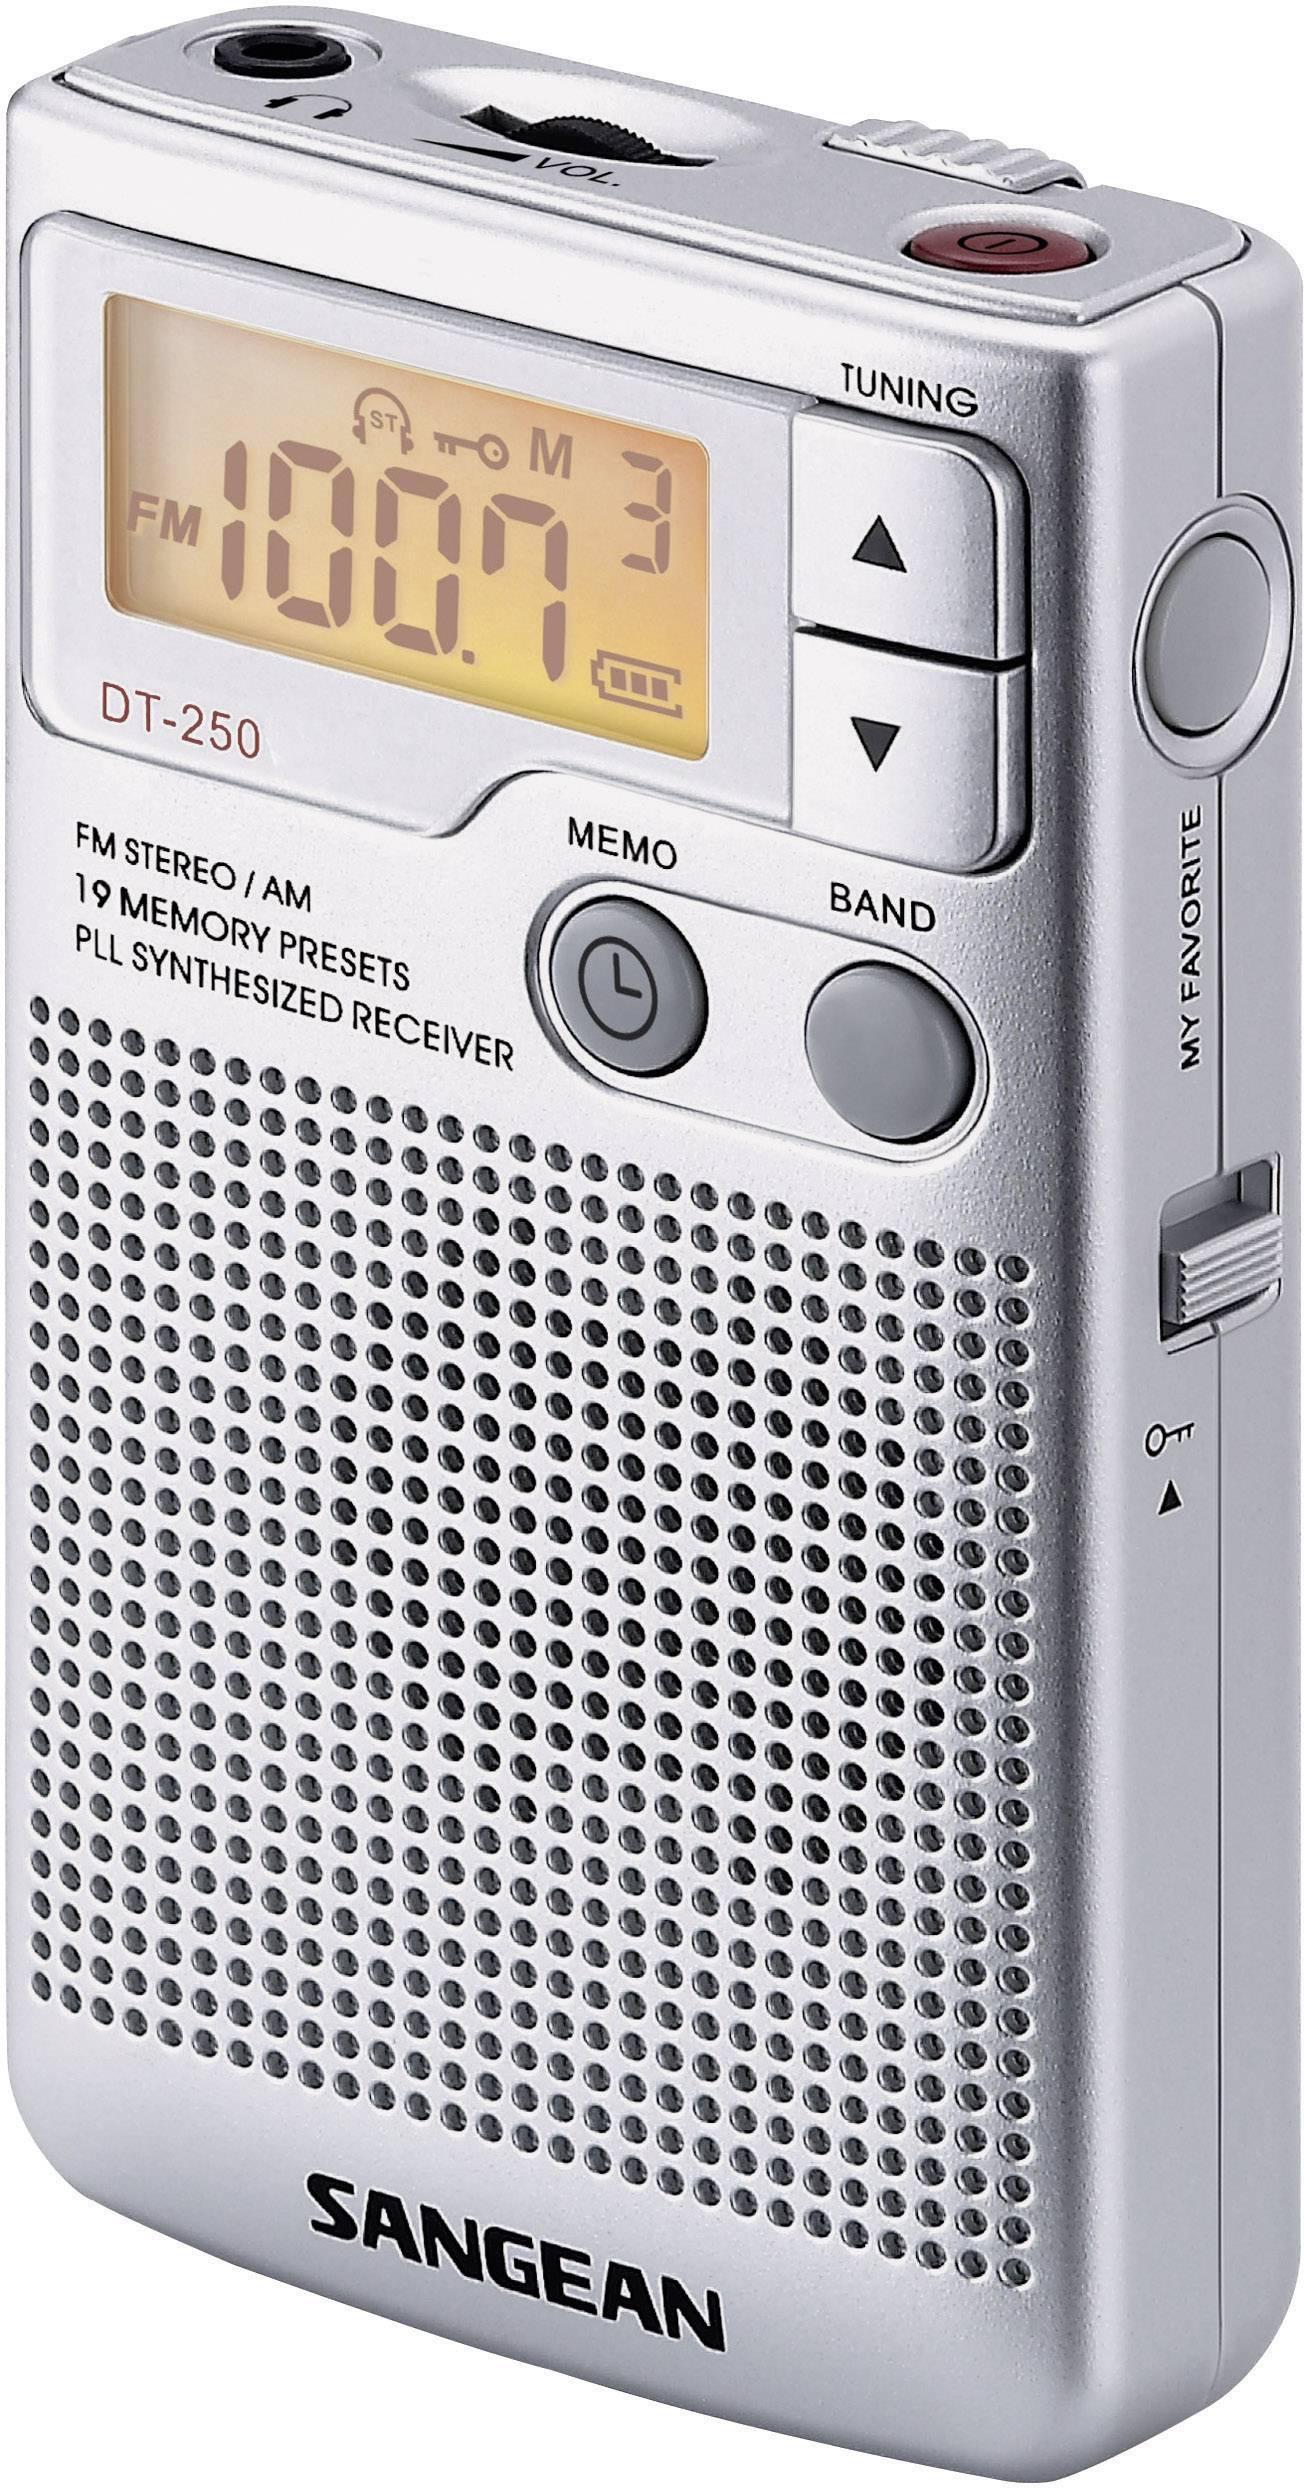 FM vreckové rádio Sangean DT-250, MW, UKW, strieborná